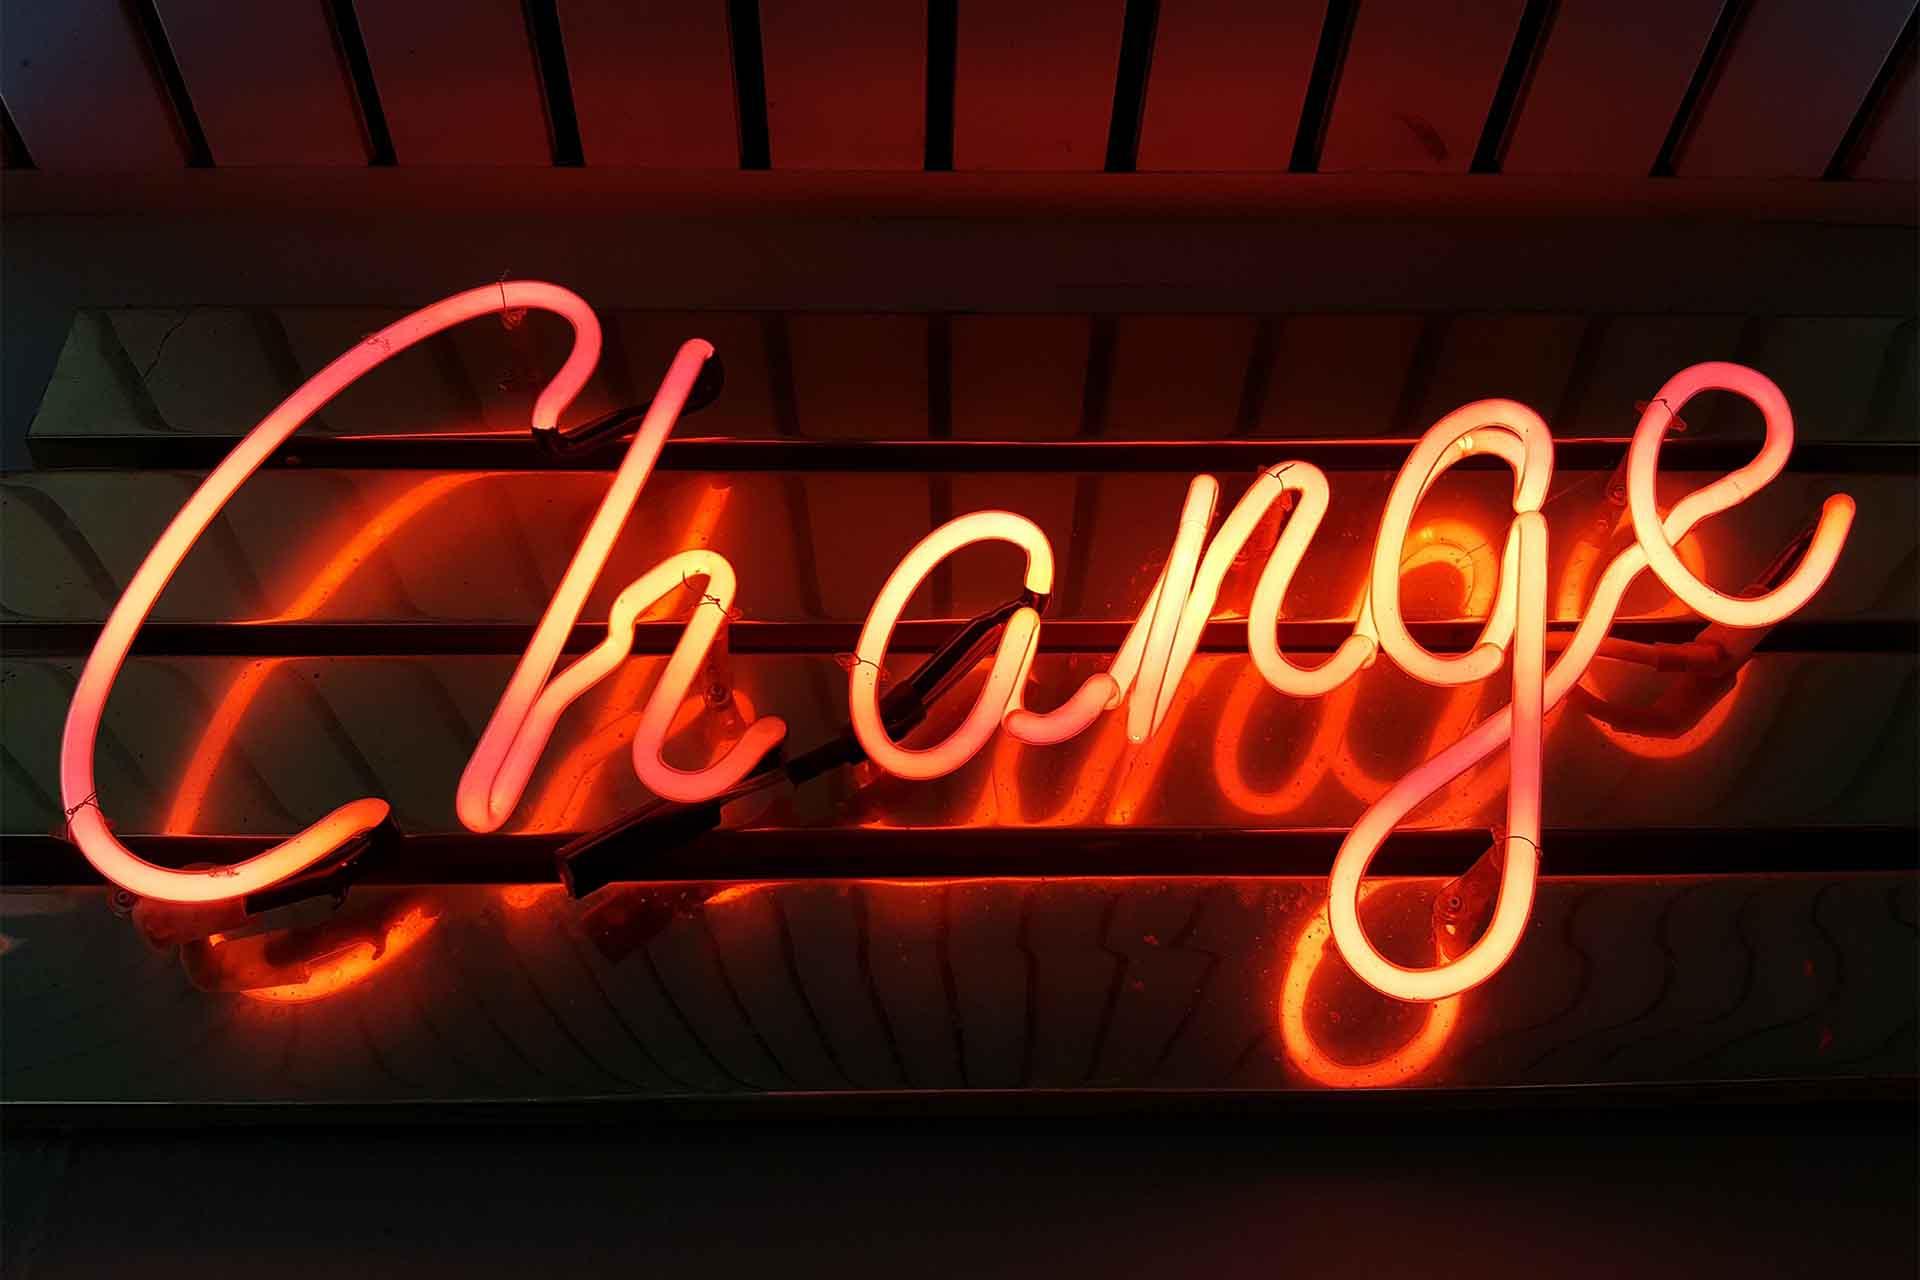 t2informatik Blog: Change Management is dead - long live continuous change